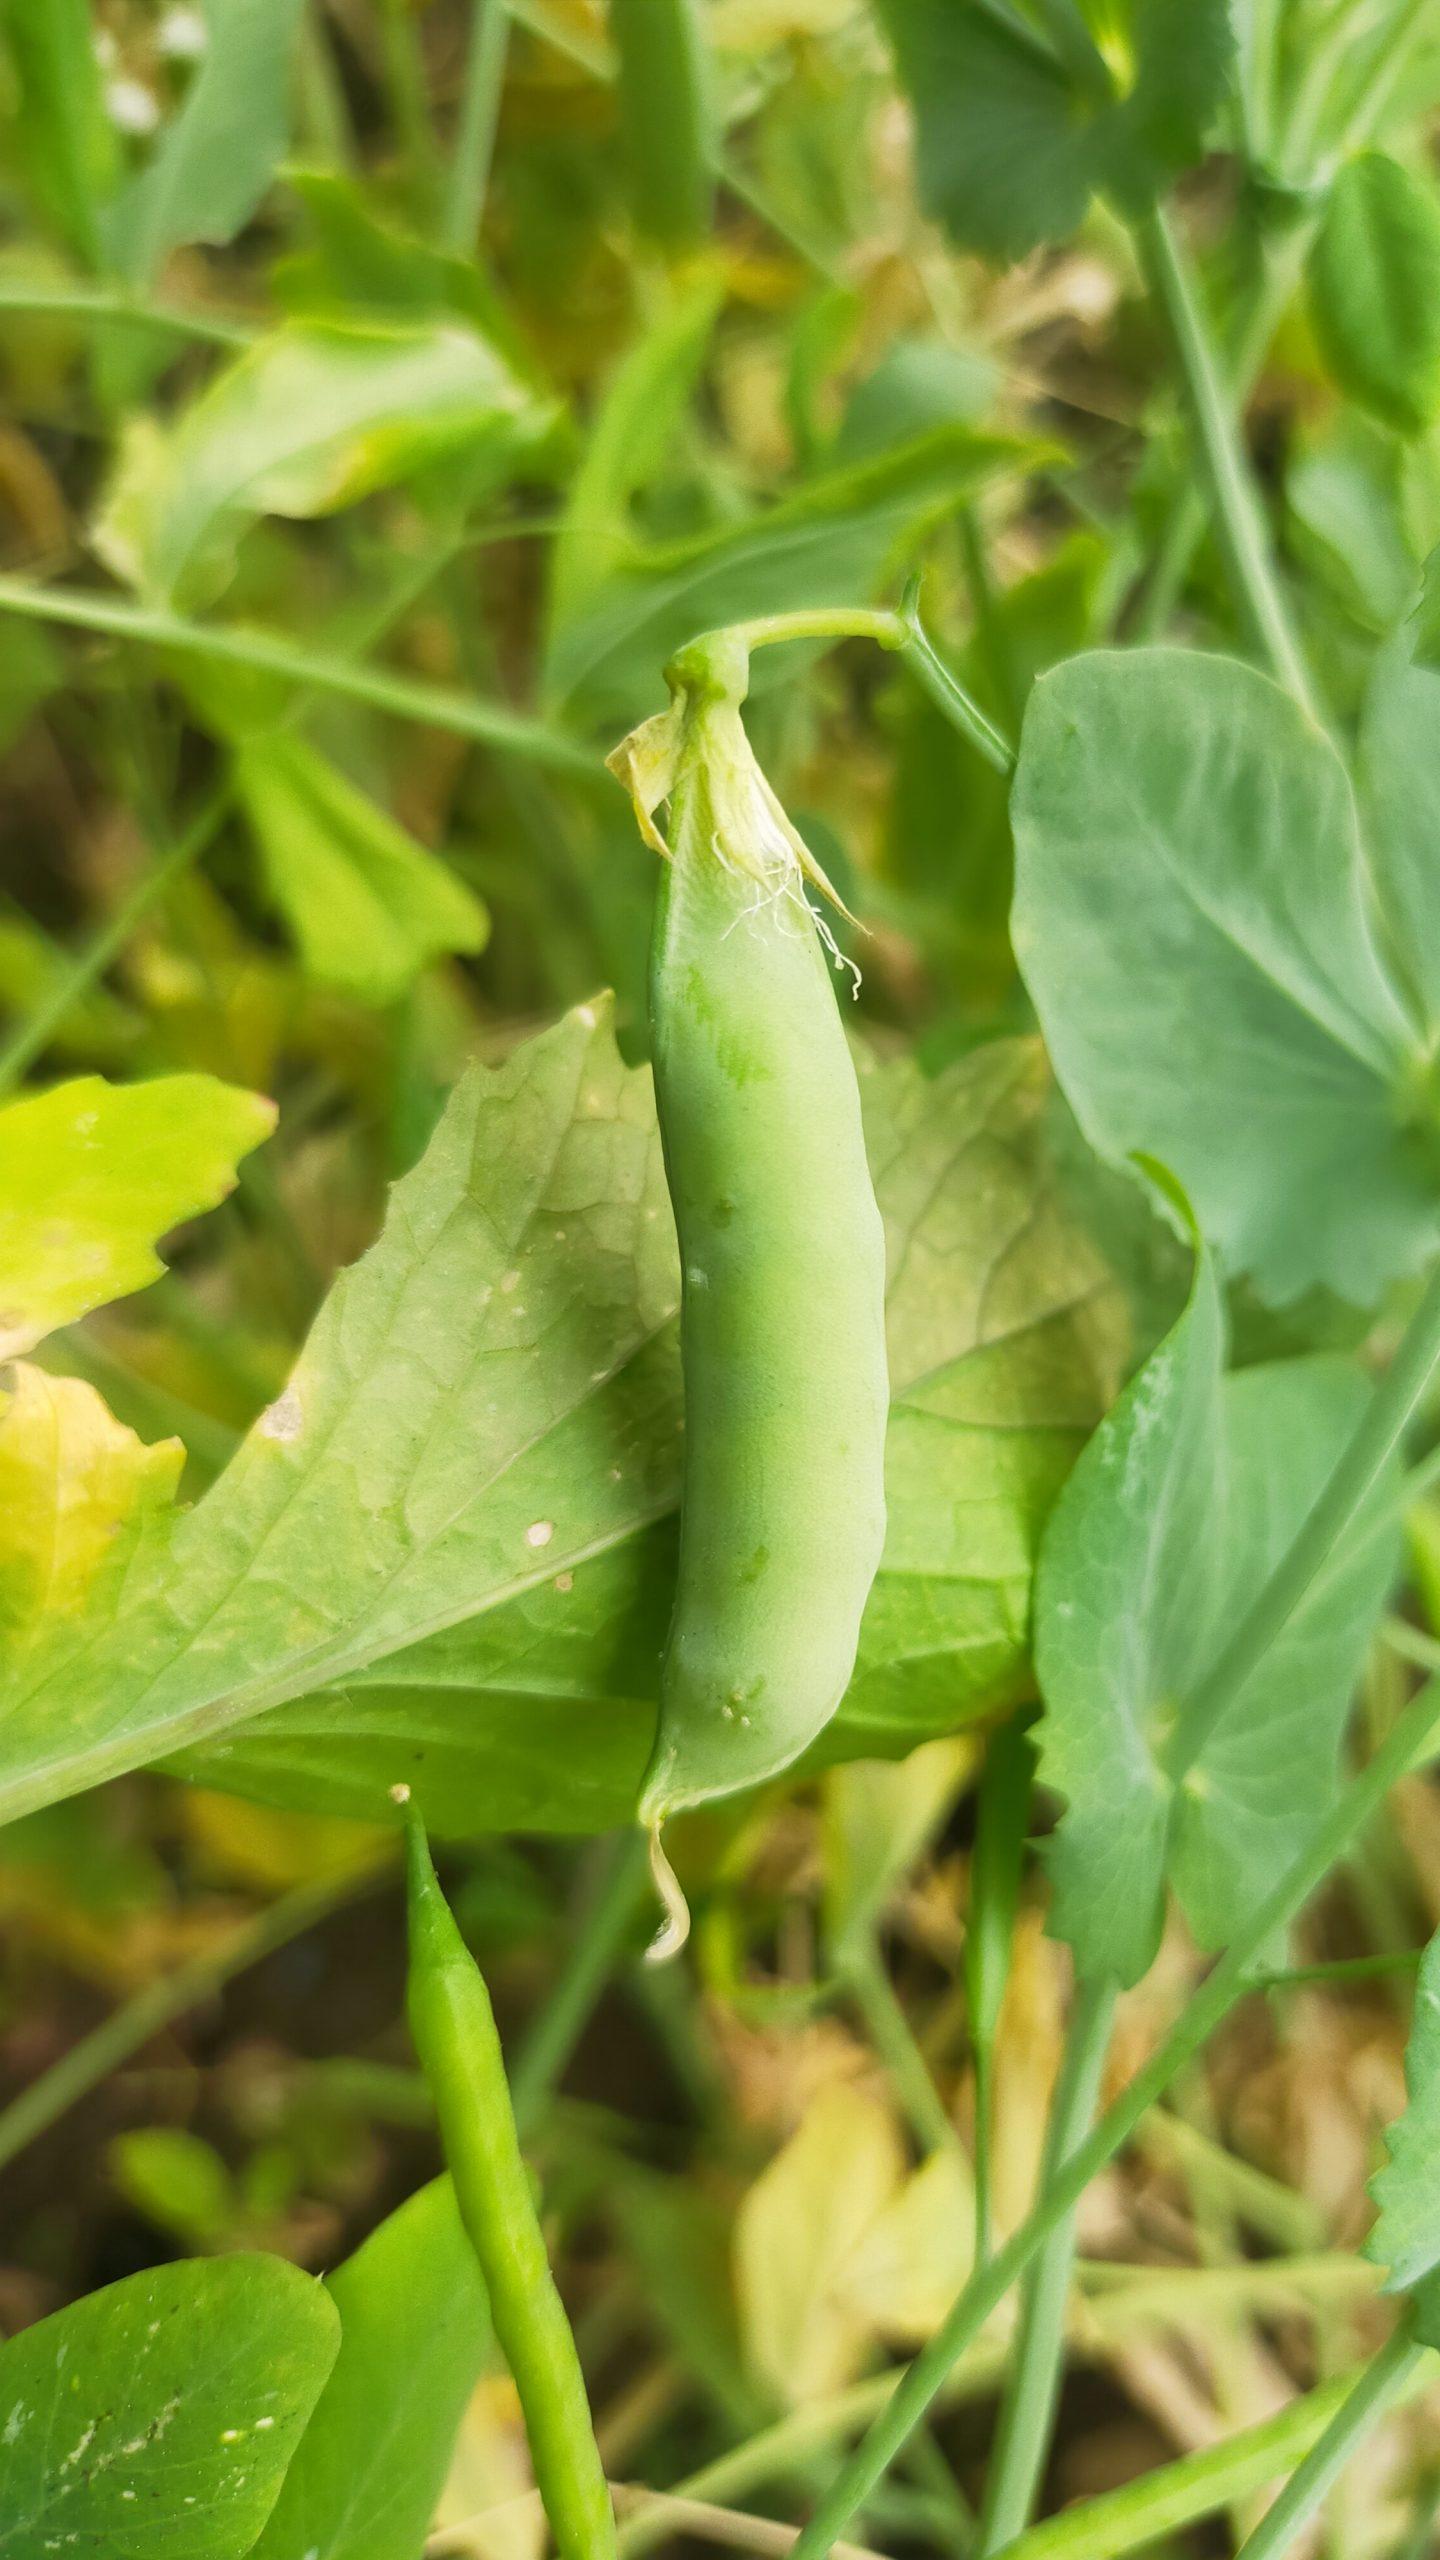 Peas legume